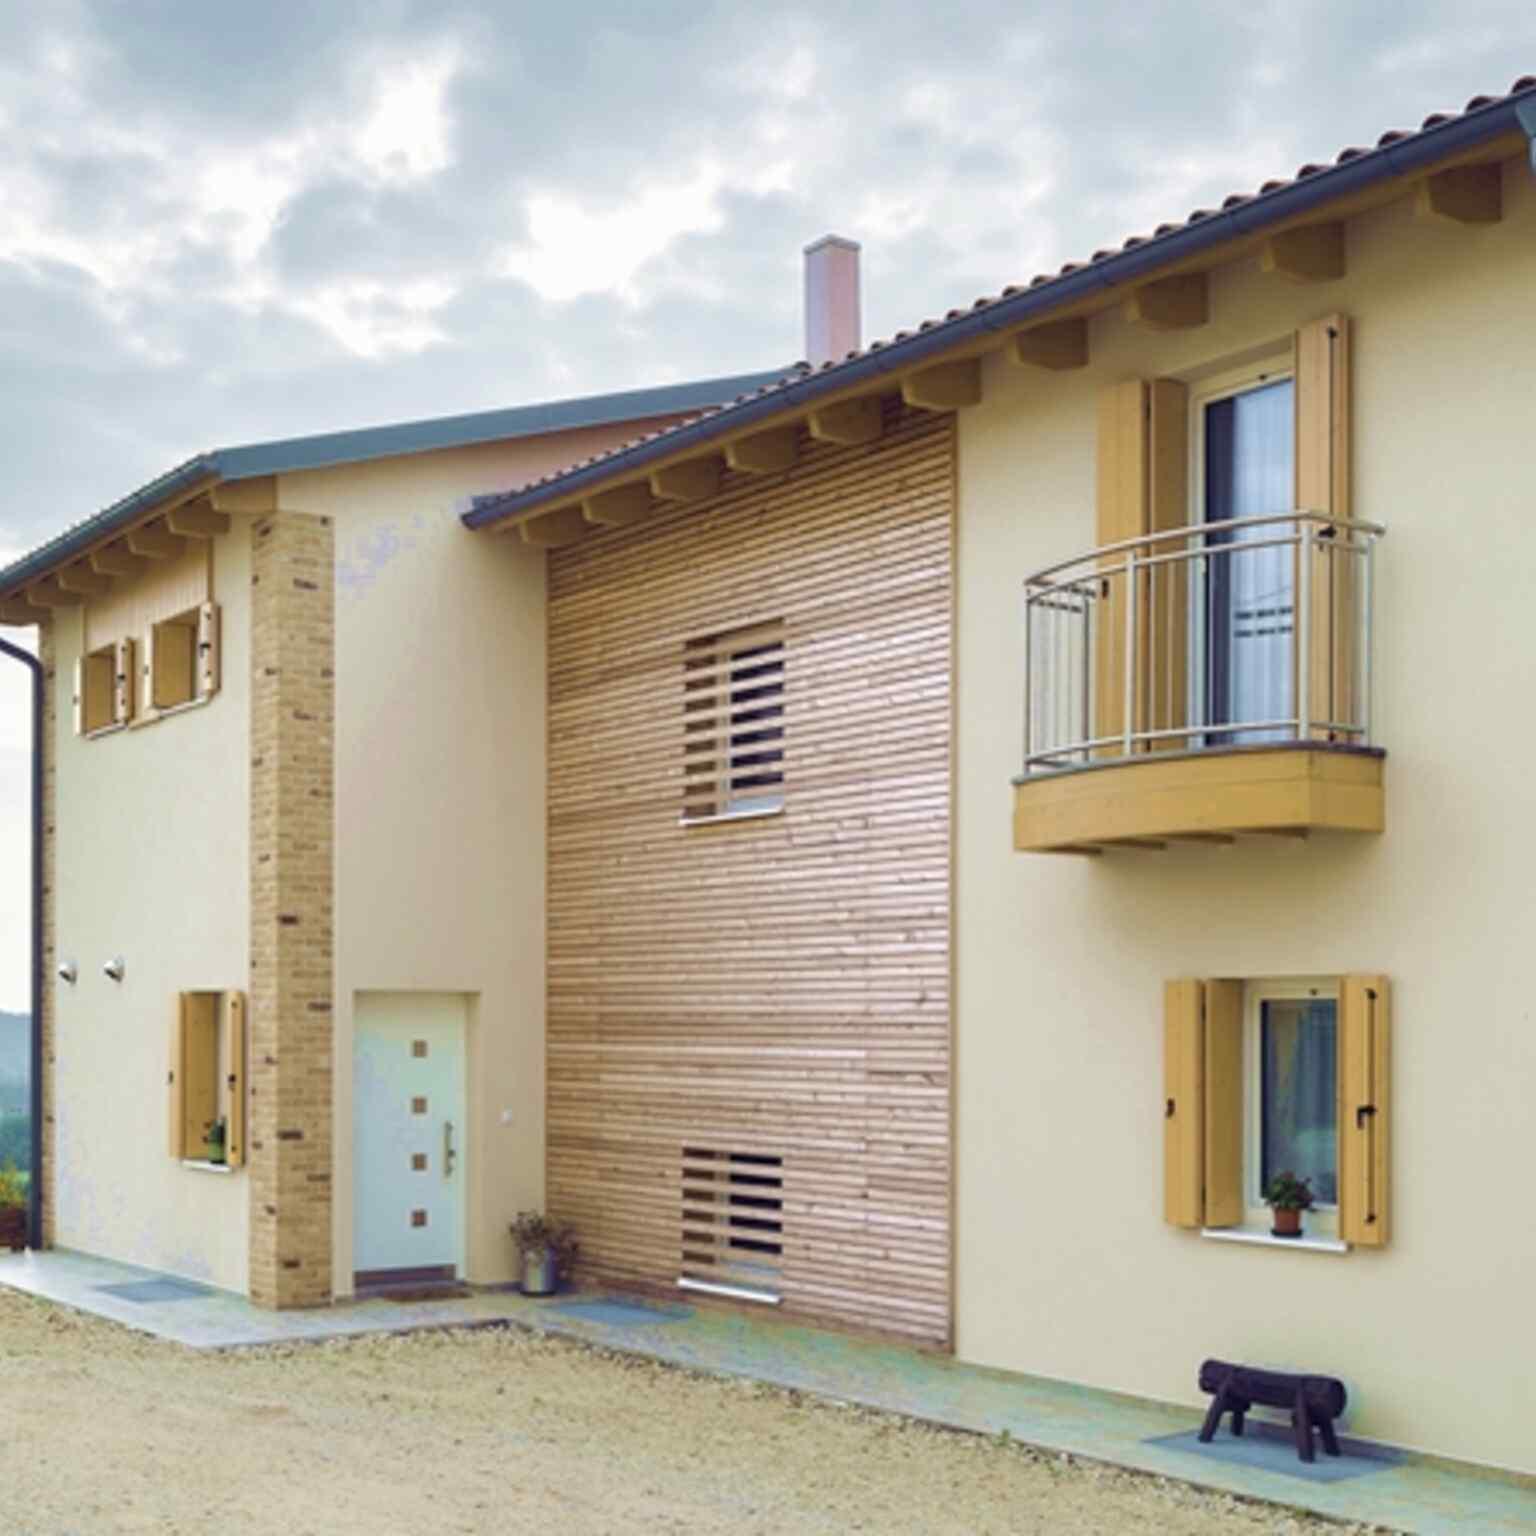 Comprare casa prefabbricata al chiavi in mano e - Casa prefabbricata chiavi in mano ...